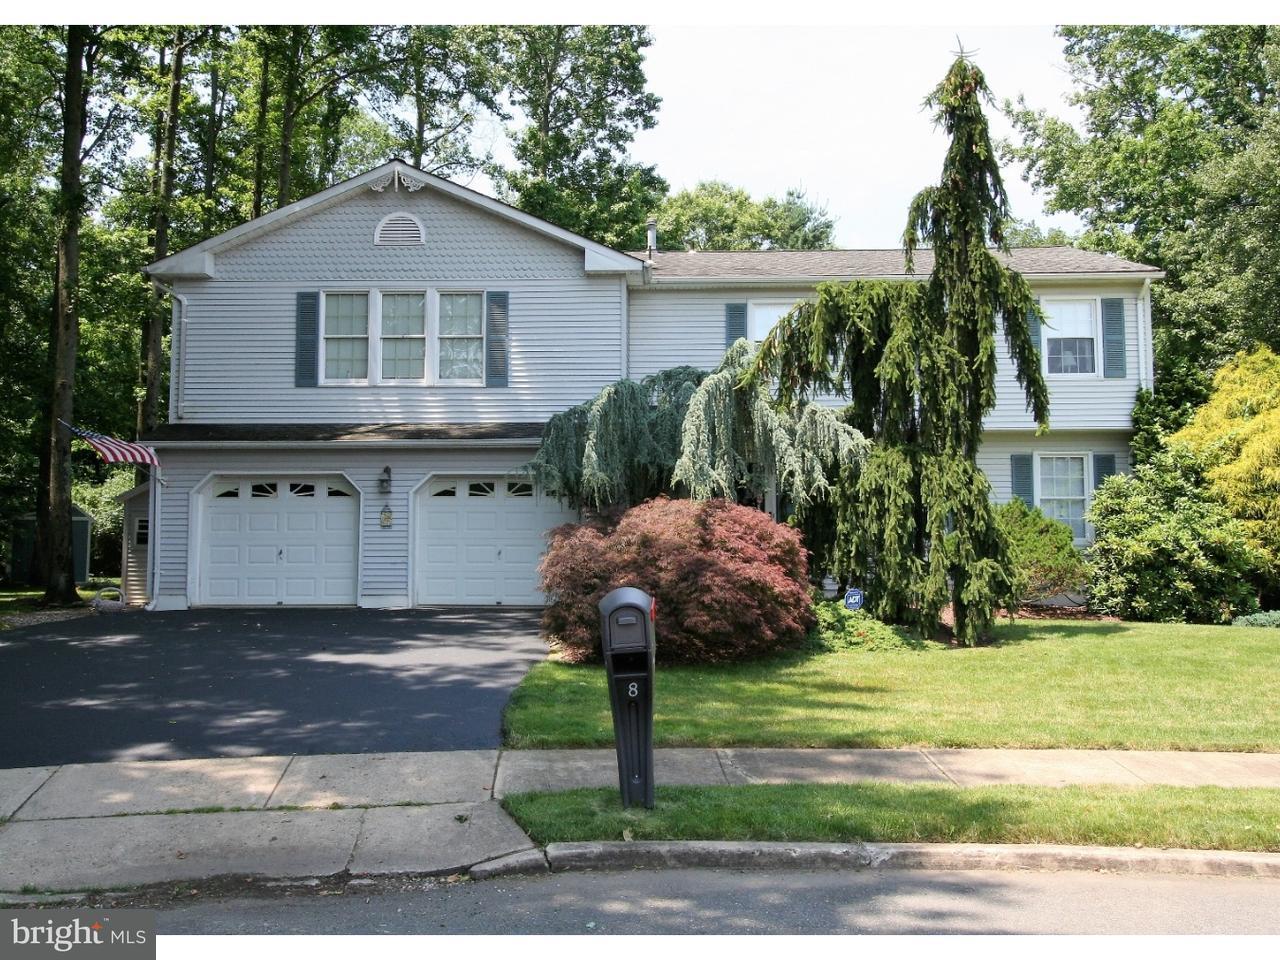 Villa per Vendita alle ore 8 TIBY Place Monmouth Junction, New Jersey 08852 Stati UnitiIn/In giro: South Brunswick Township